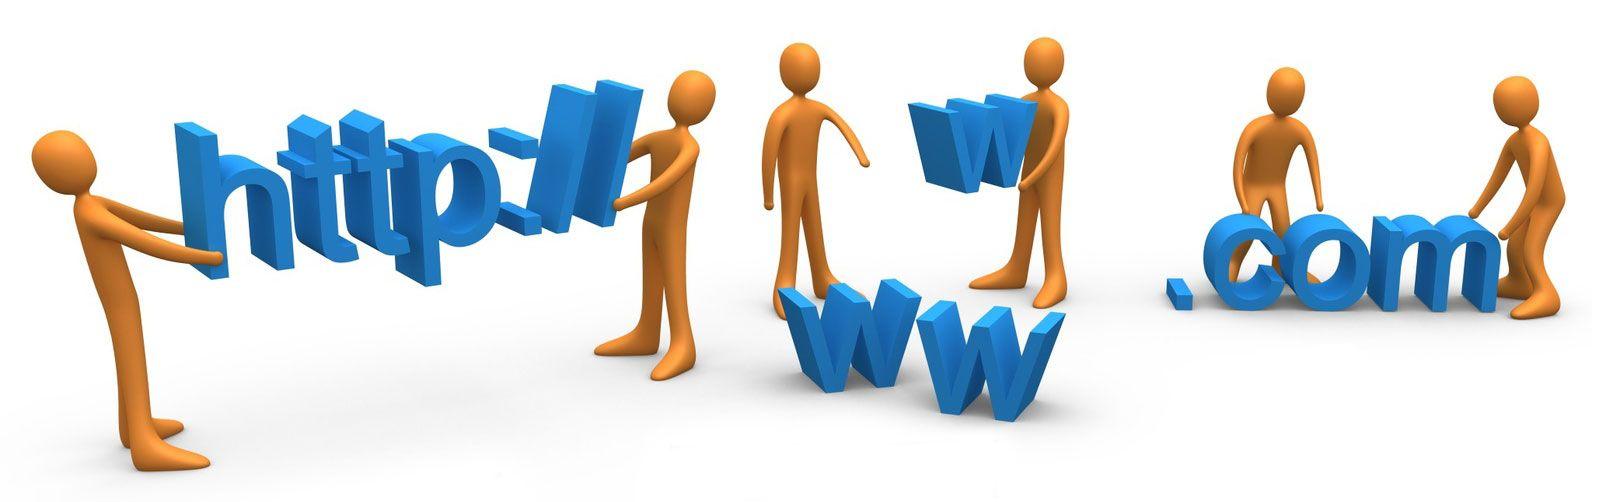 SEO просування блога: як треба просувати комерційний блог? - Фото 1